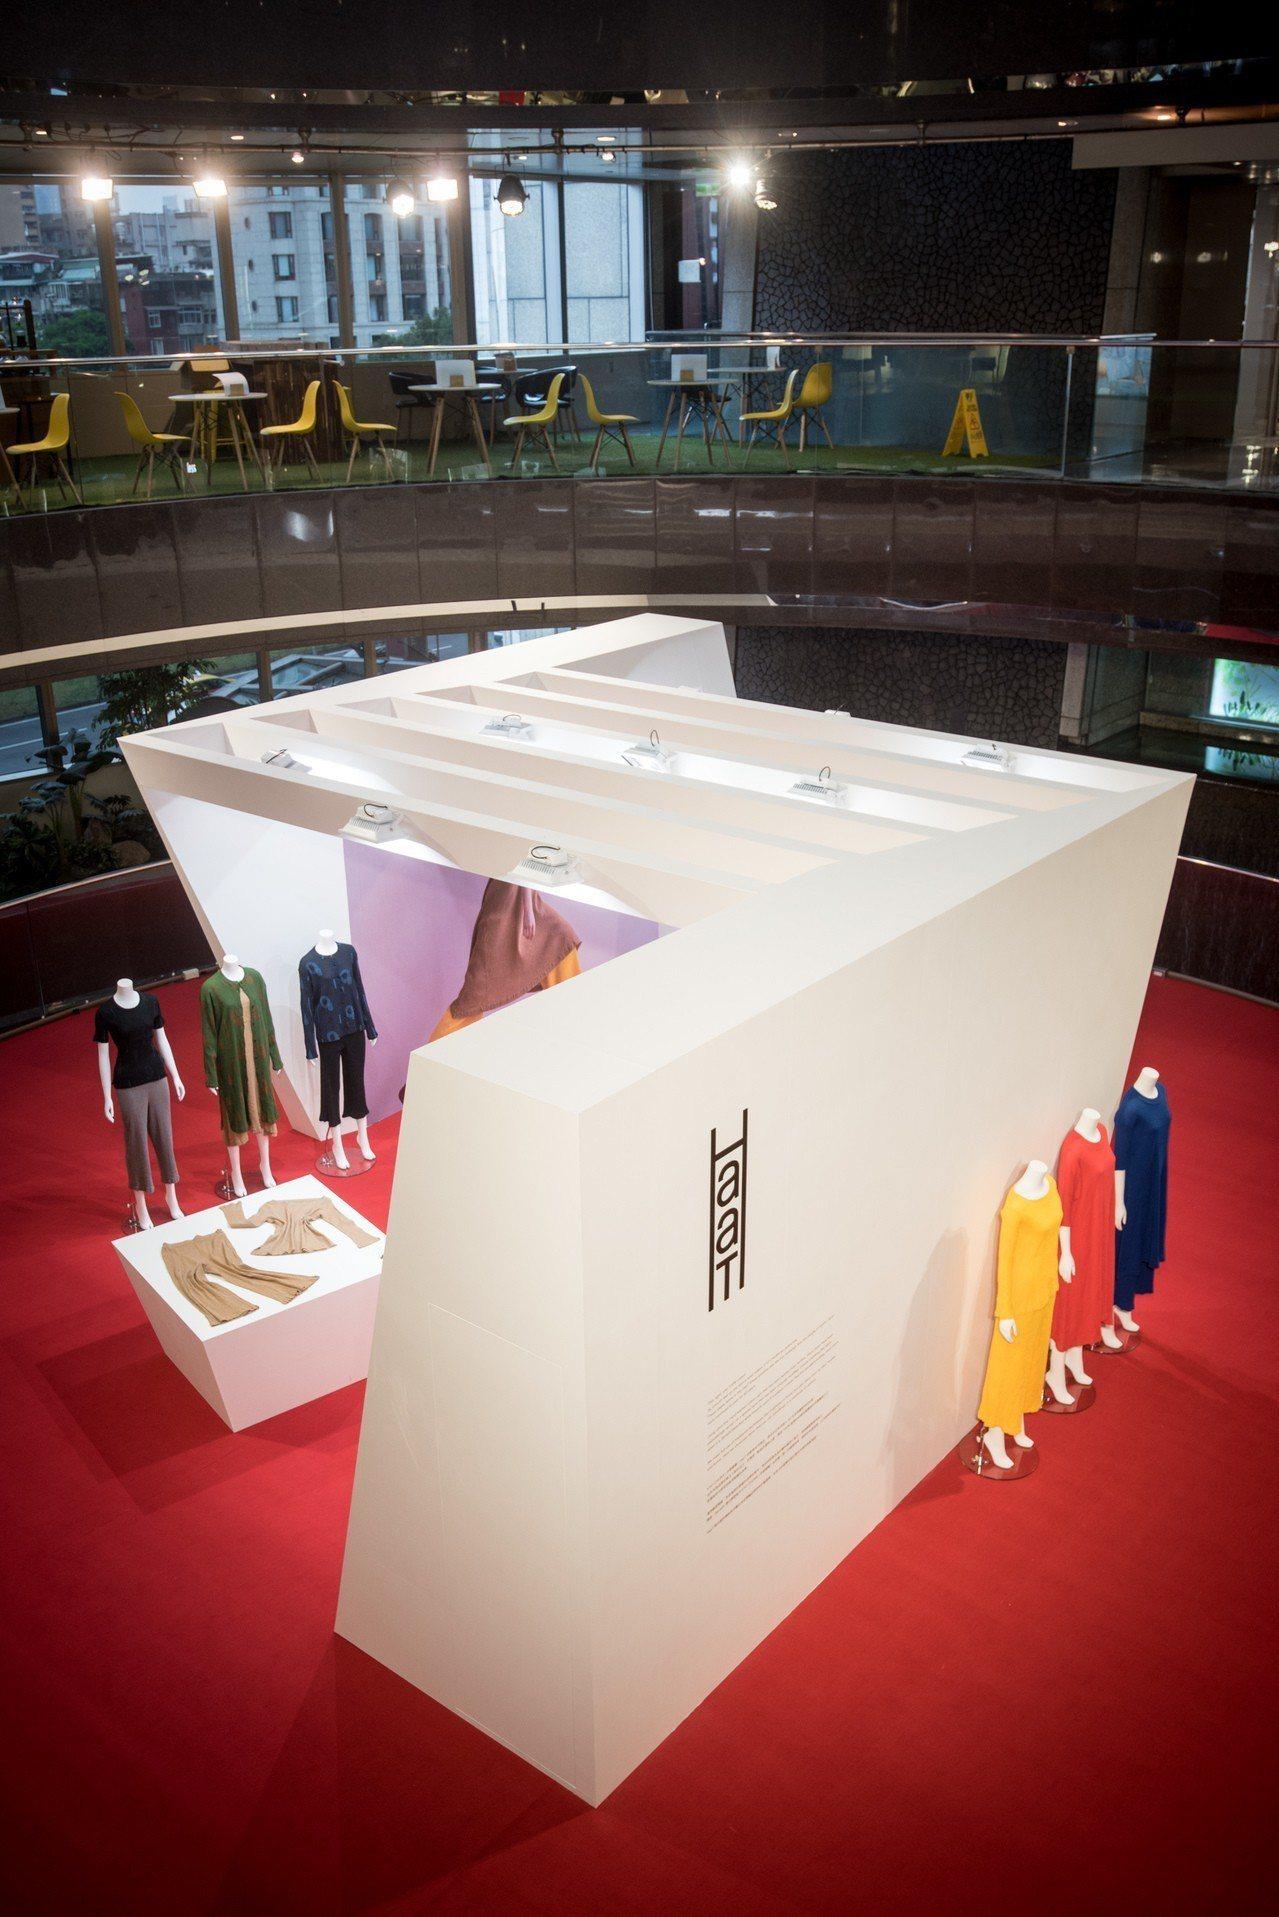 HaaT品牌展覽將在台北遠企天碟廣場展出至4月16日止。圖/HaaT提供